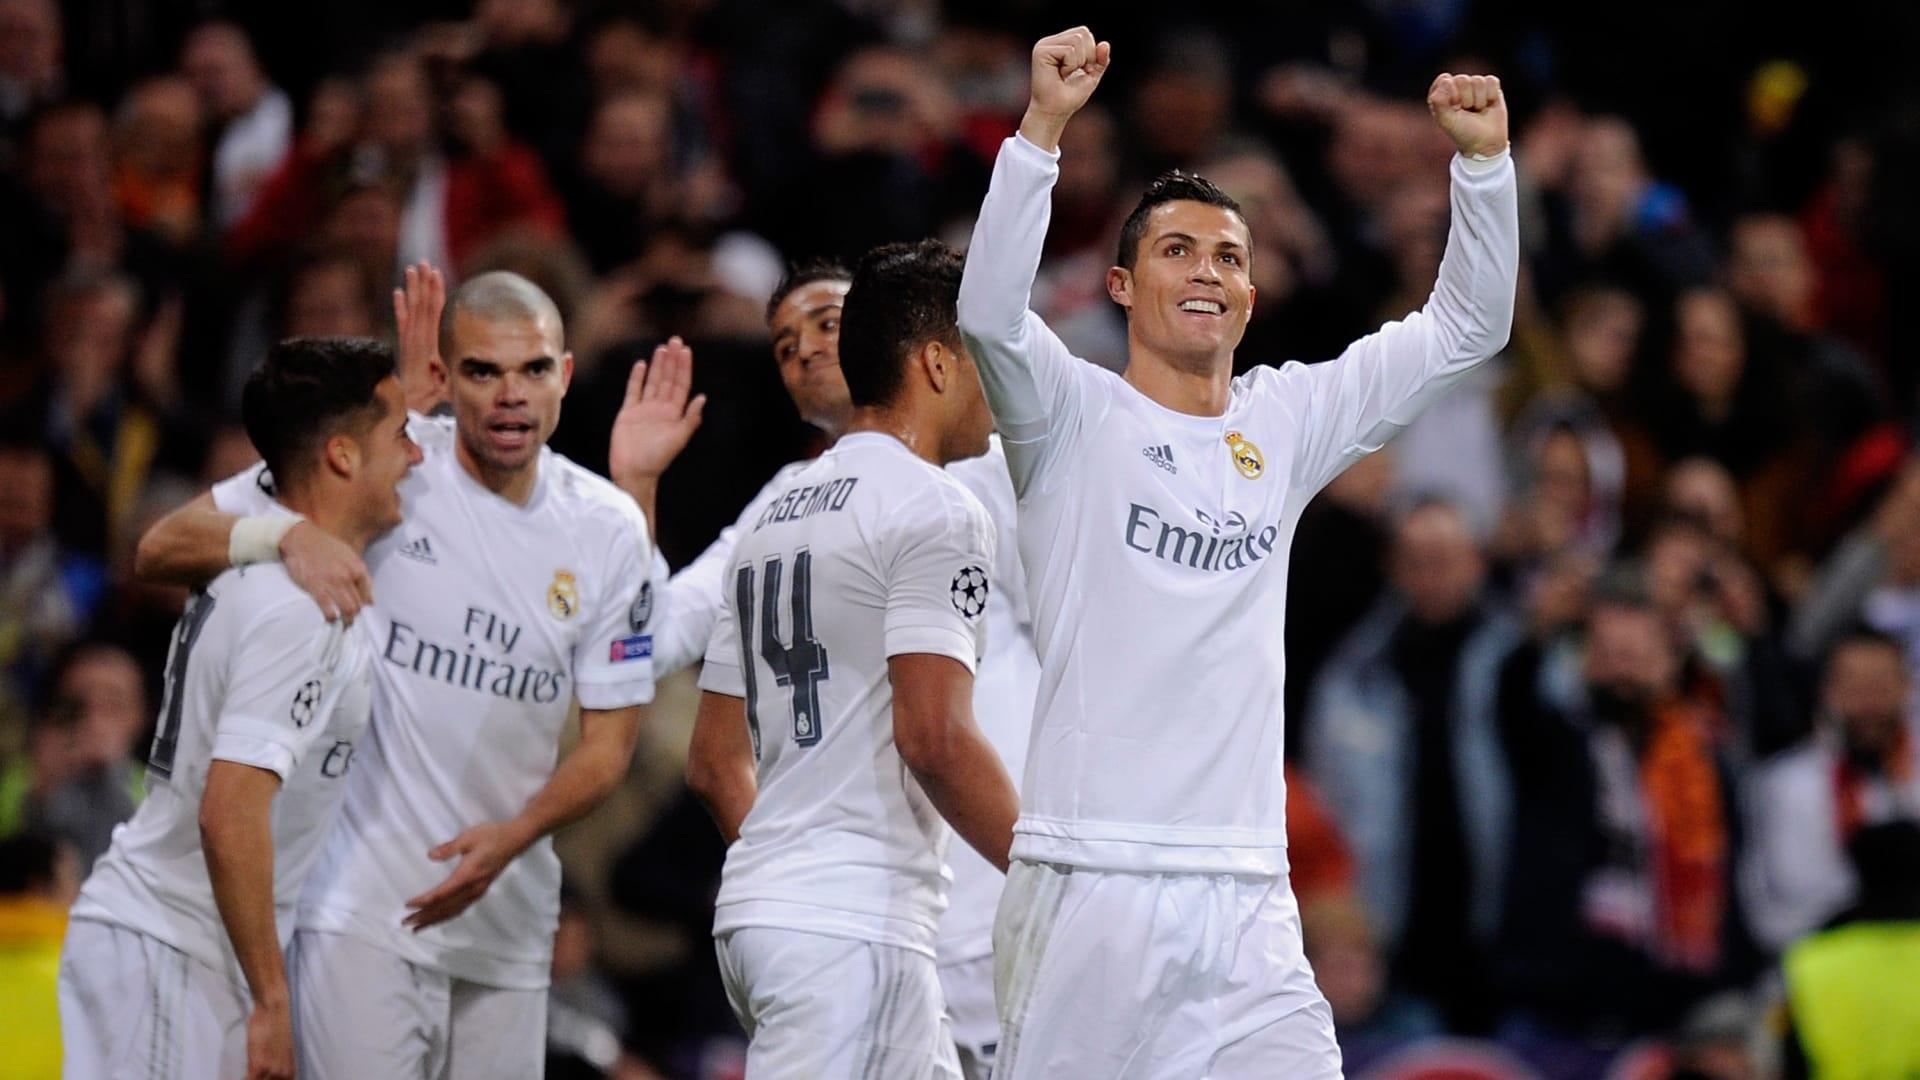 لاعب نادي ريال مدريد كريستيانو رونالدو يرفع يديه فرحا بعد تسجيله الهدف الأول لفريقه أمام نادي روما.